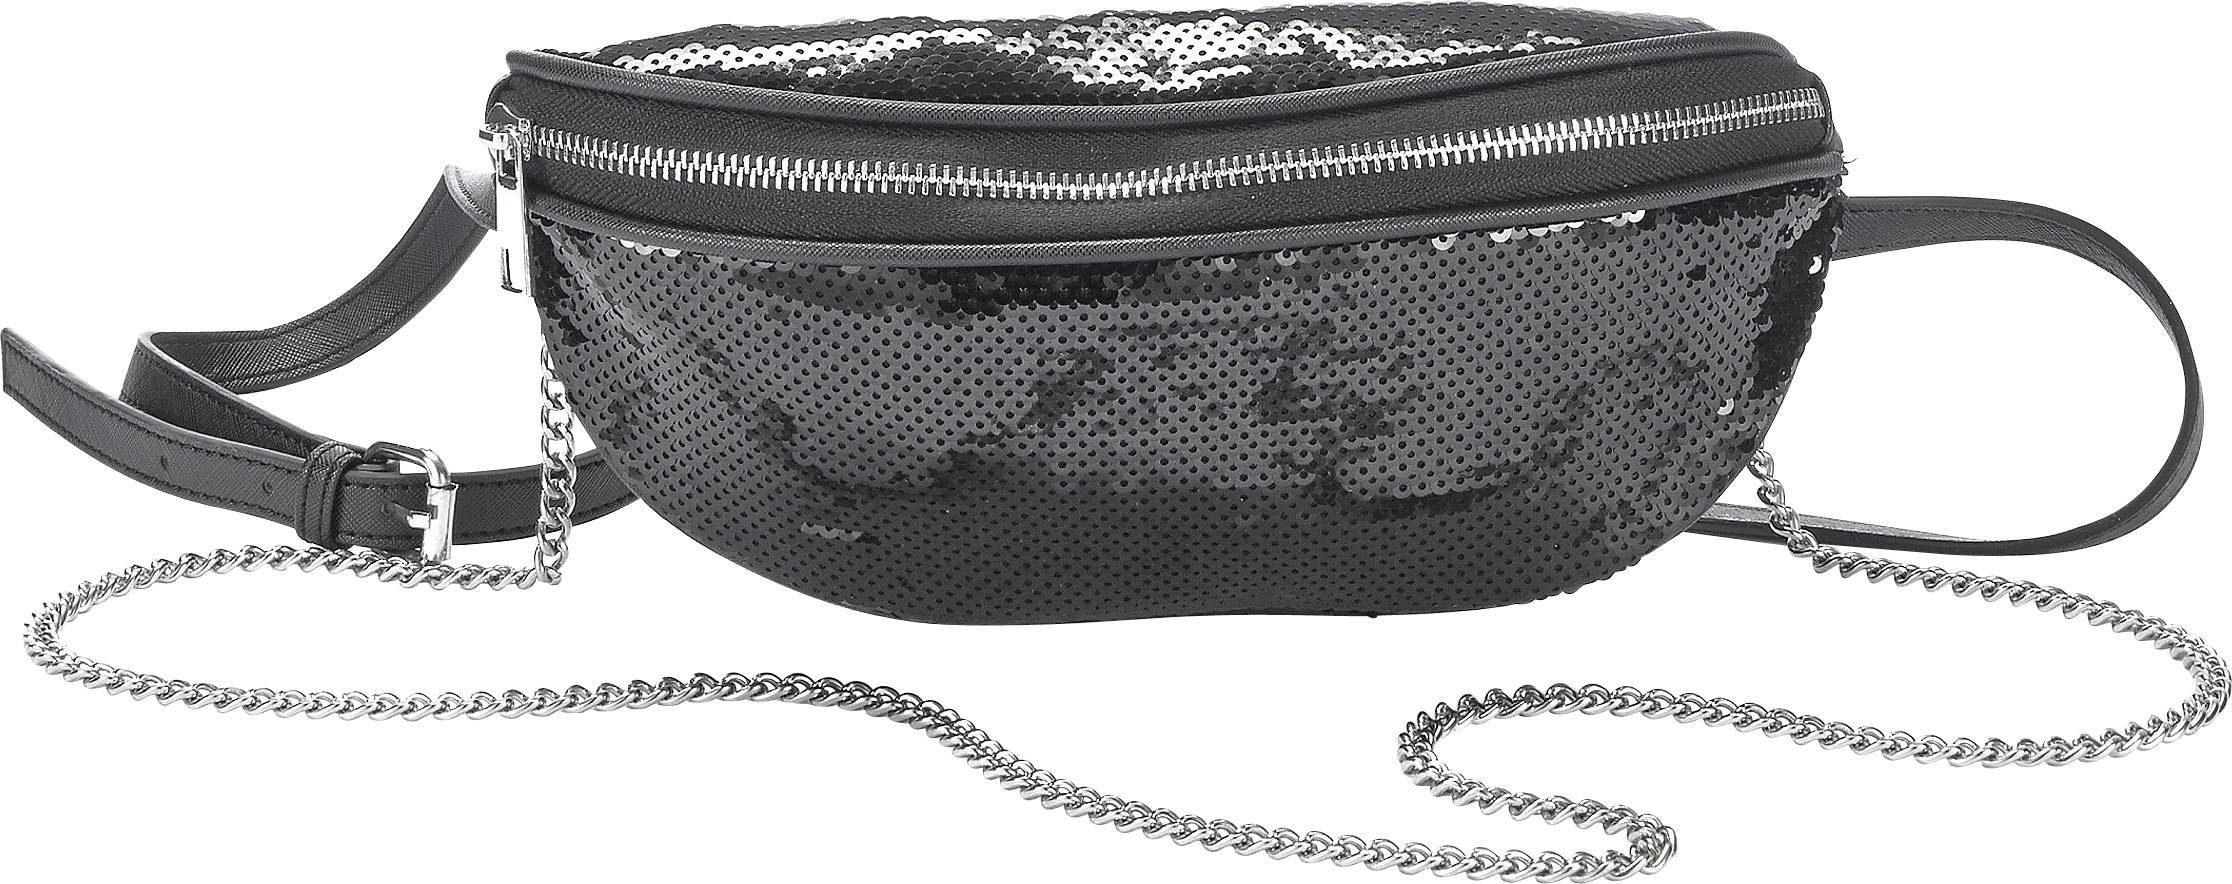 2 Fächer Bauchtasche Gürteltasche Hüfttasche Handy Bodybag Trendig